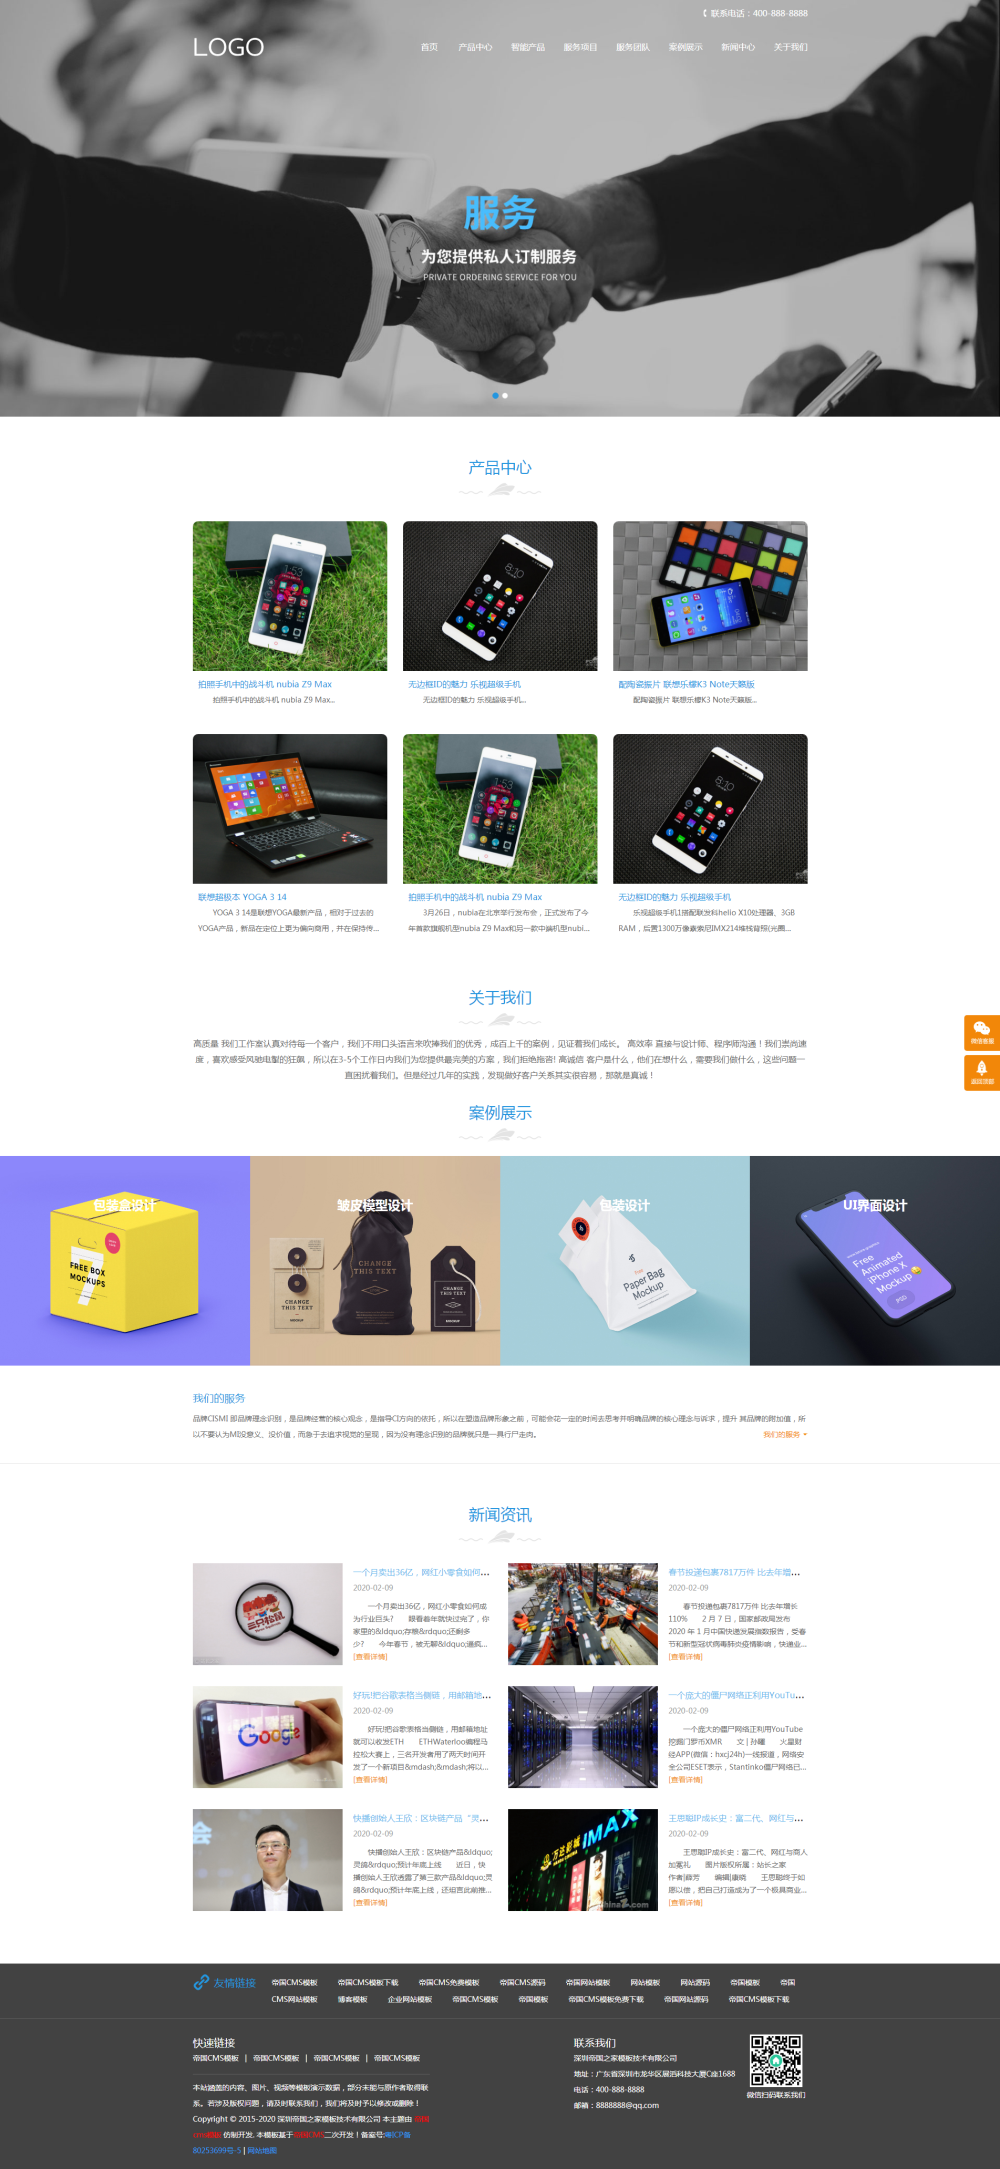 1网站首页.png [DG-0150]响应式企业产品展示帝国cms模板 公司企业产品销售帝国网站模板 企业模板 第1张